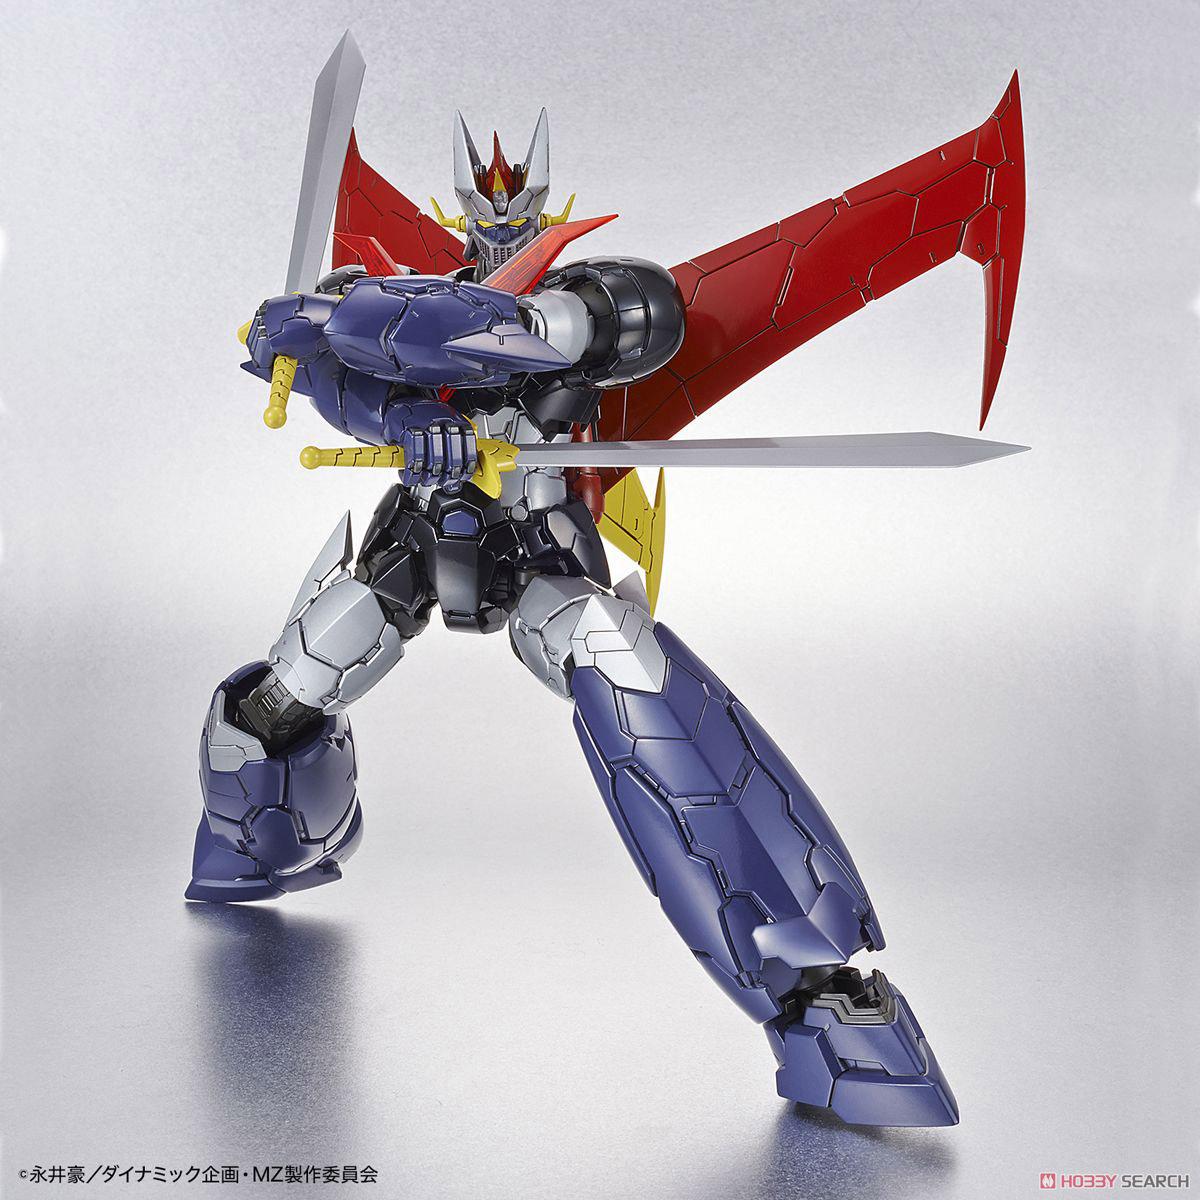 【再販】HG 1/144『グレートマジンガー(マジンガーZ INFINITY Ver.)』プラモデル-009